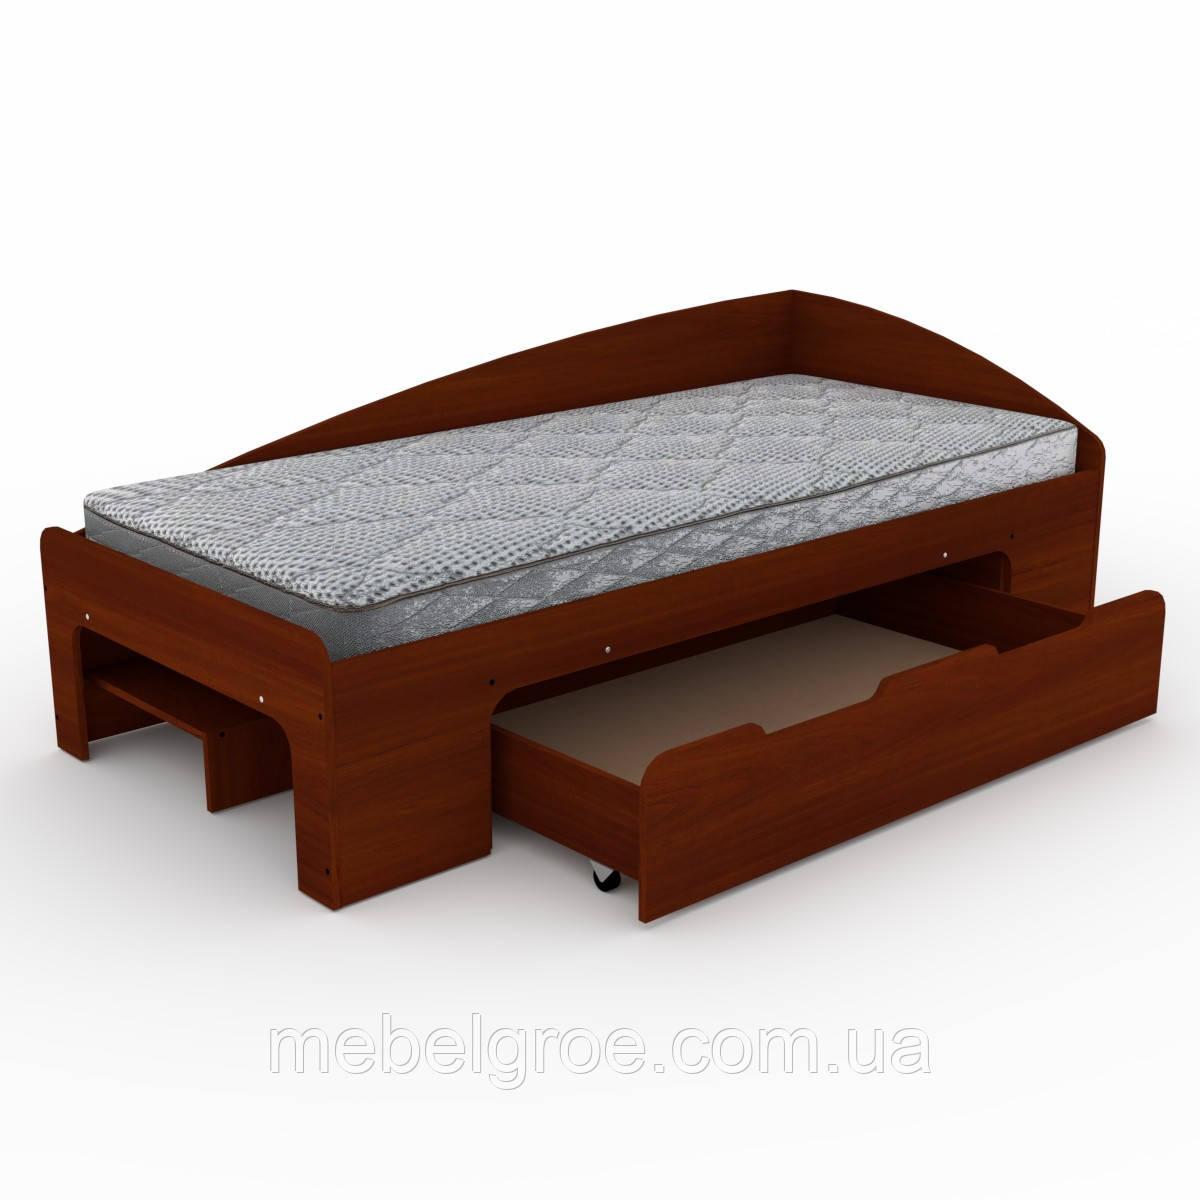 Односпальная кровать 90+1 тм Компанит